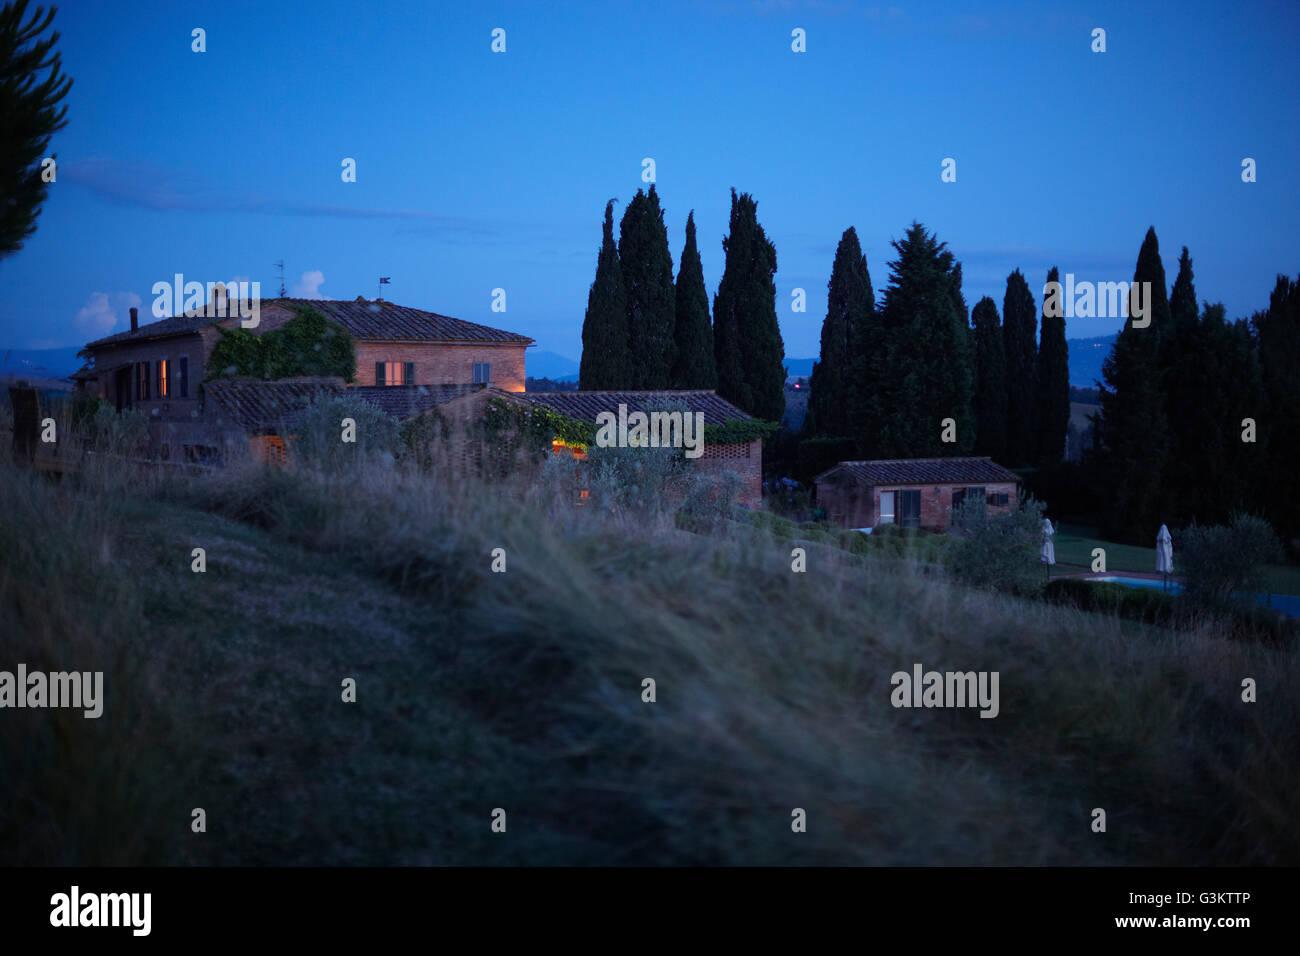 Rangée de maisons sur la colline, Castelnuovo Berardenga, Toscane, Italie Banque D'Images